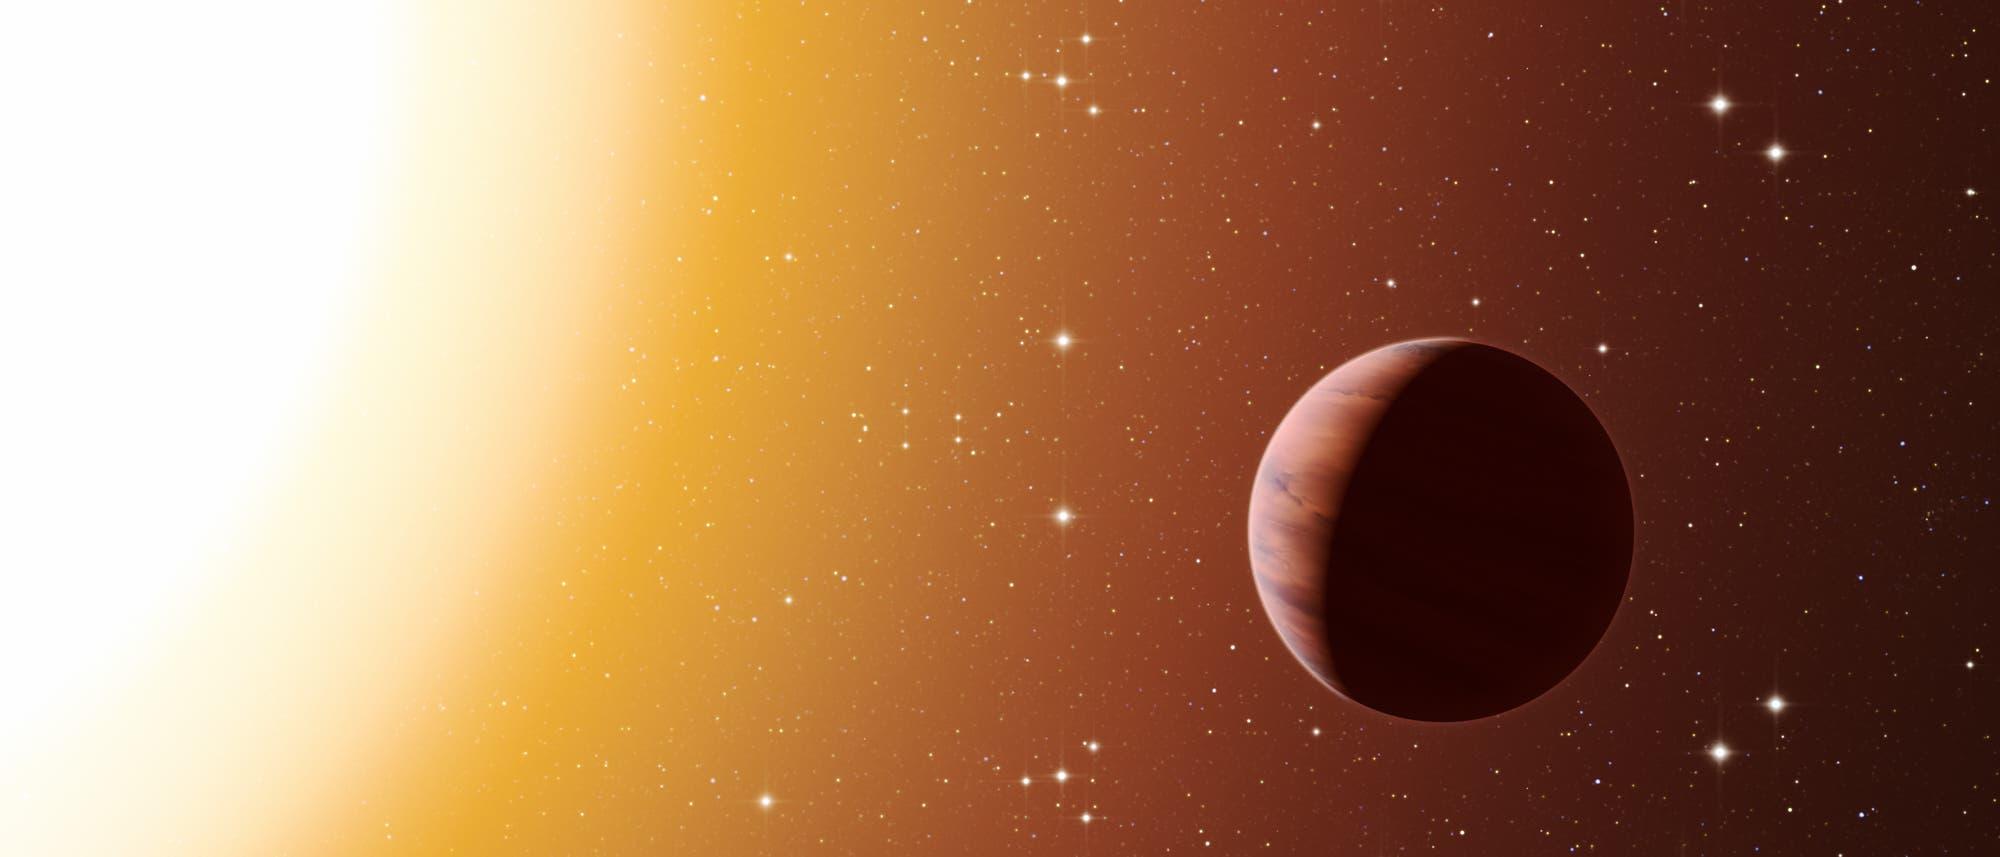 Ein heißer Jupiter (künstlerische Darstellung)